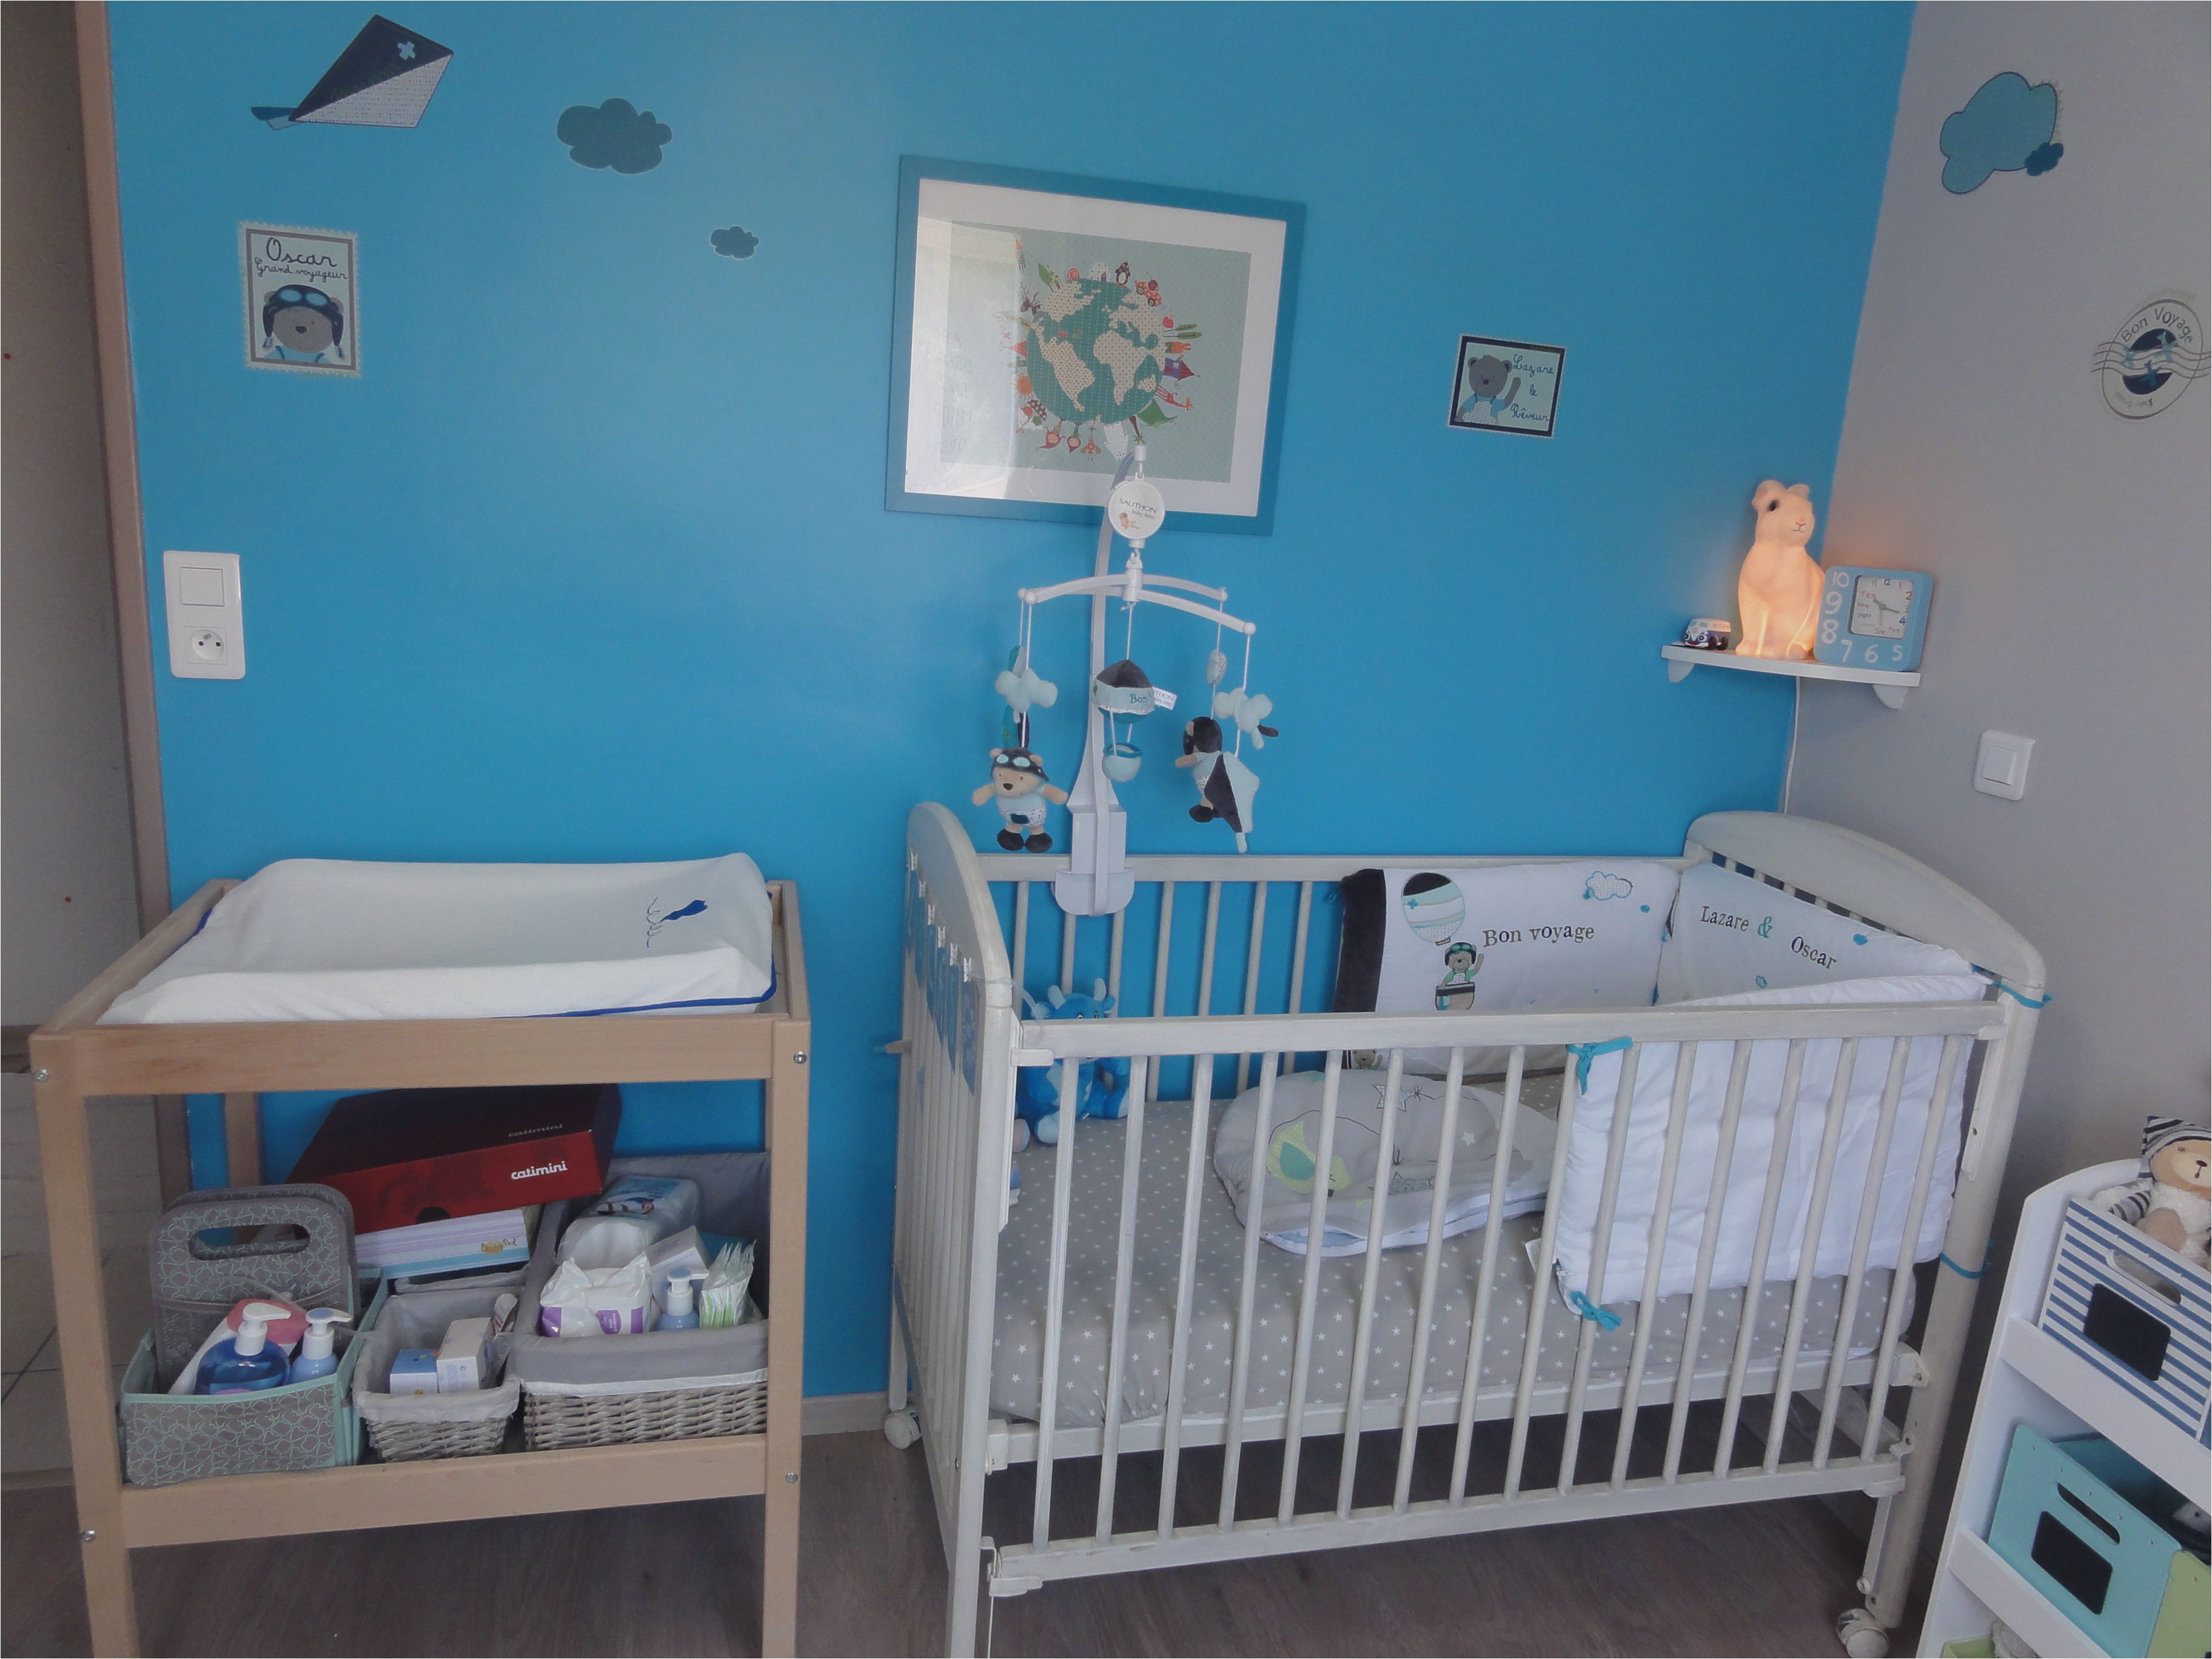 Derrière Les Murs De Mon Jardin Beau Stock Inspirer 40 De Idée Déco Chambre Fille Ado Conception